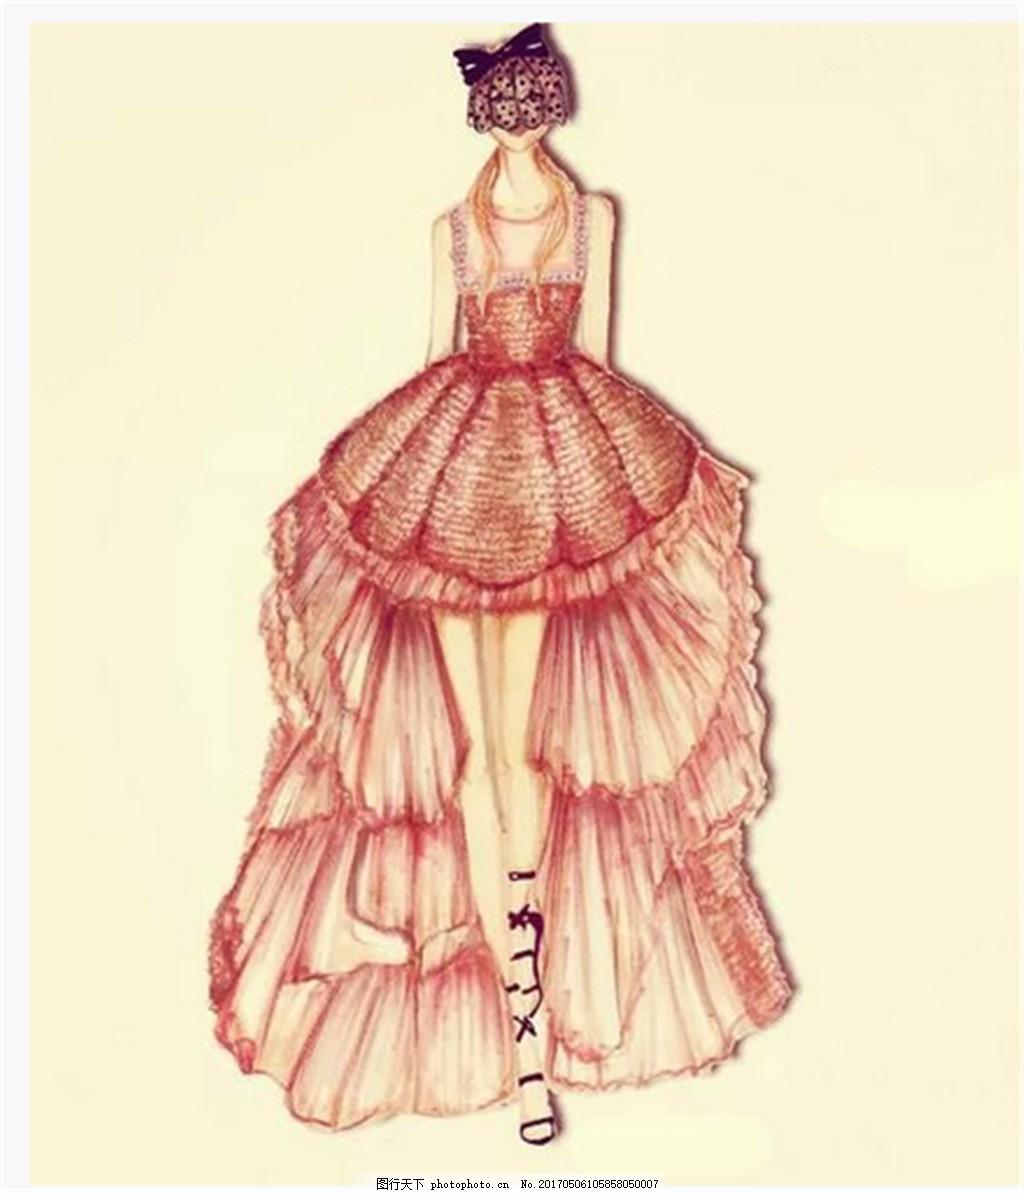 设计图库 现代科技 服装设计  红色时尚礼服设计图 服装设计 时尚女装